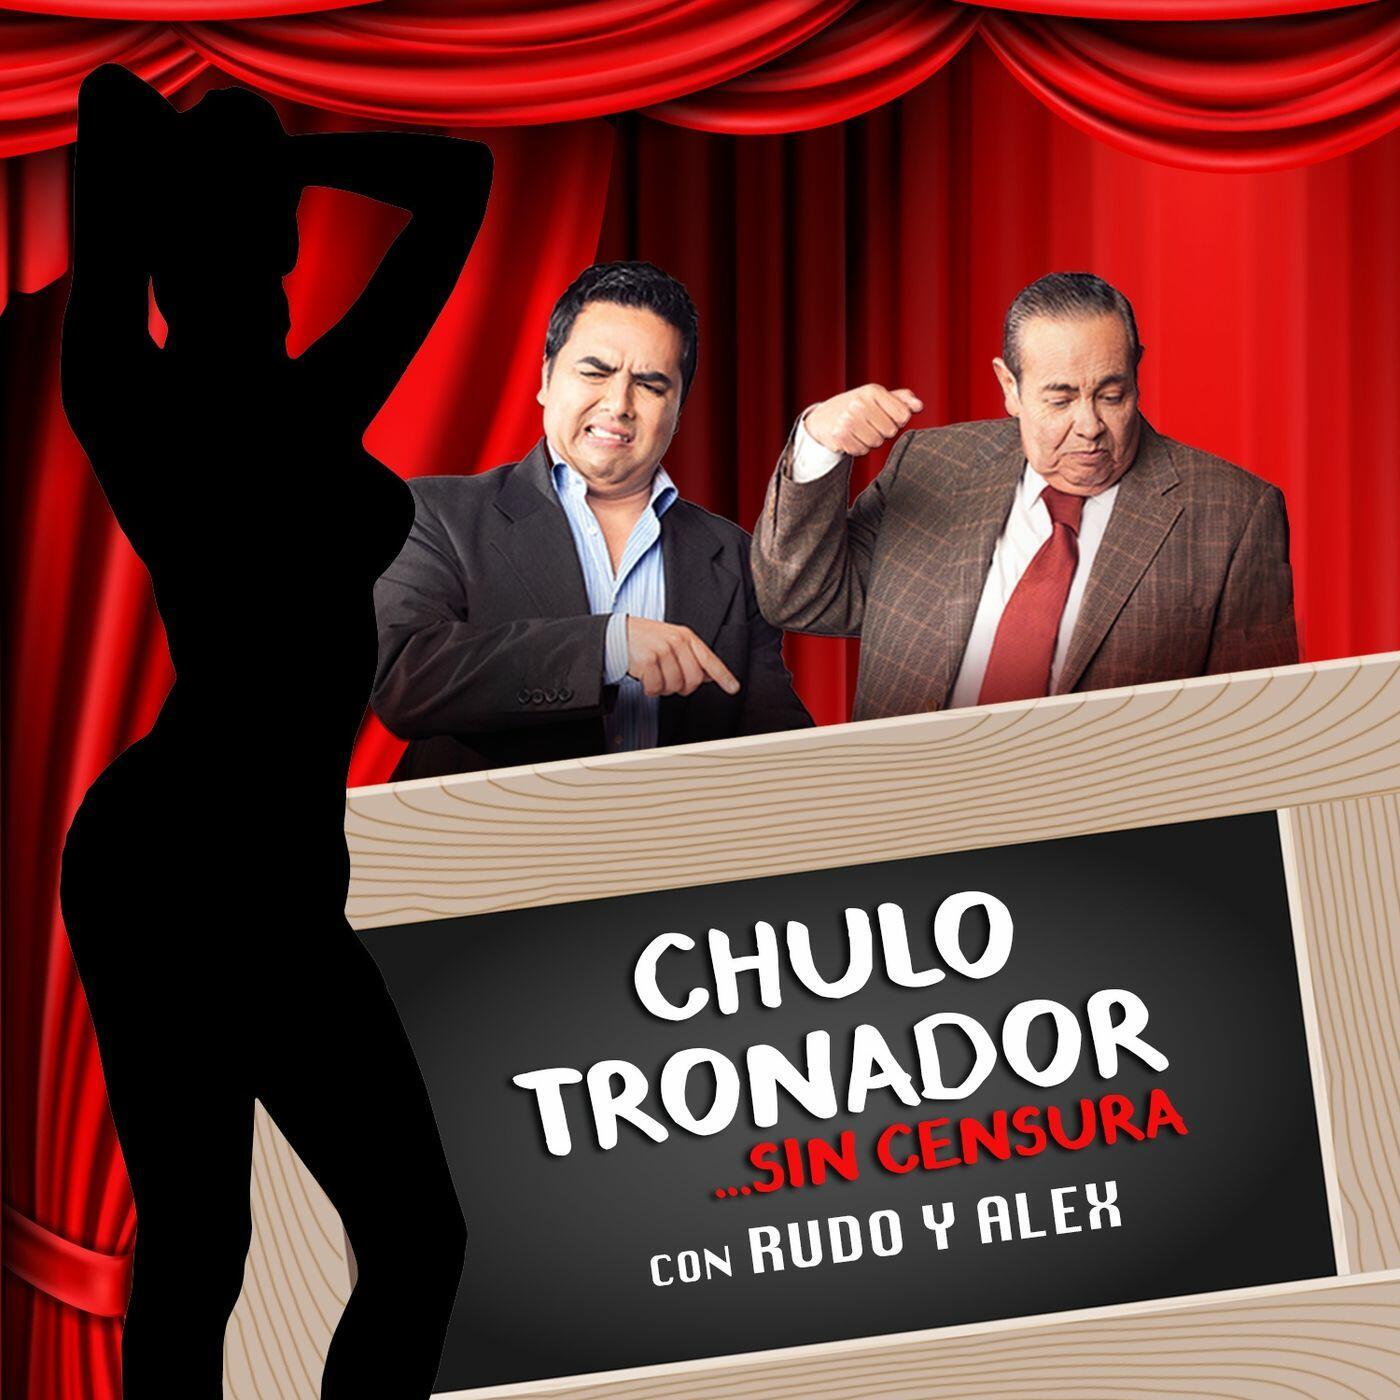 Chulo Tronador. Con El Rudo y Alex.